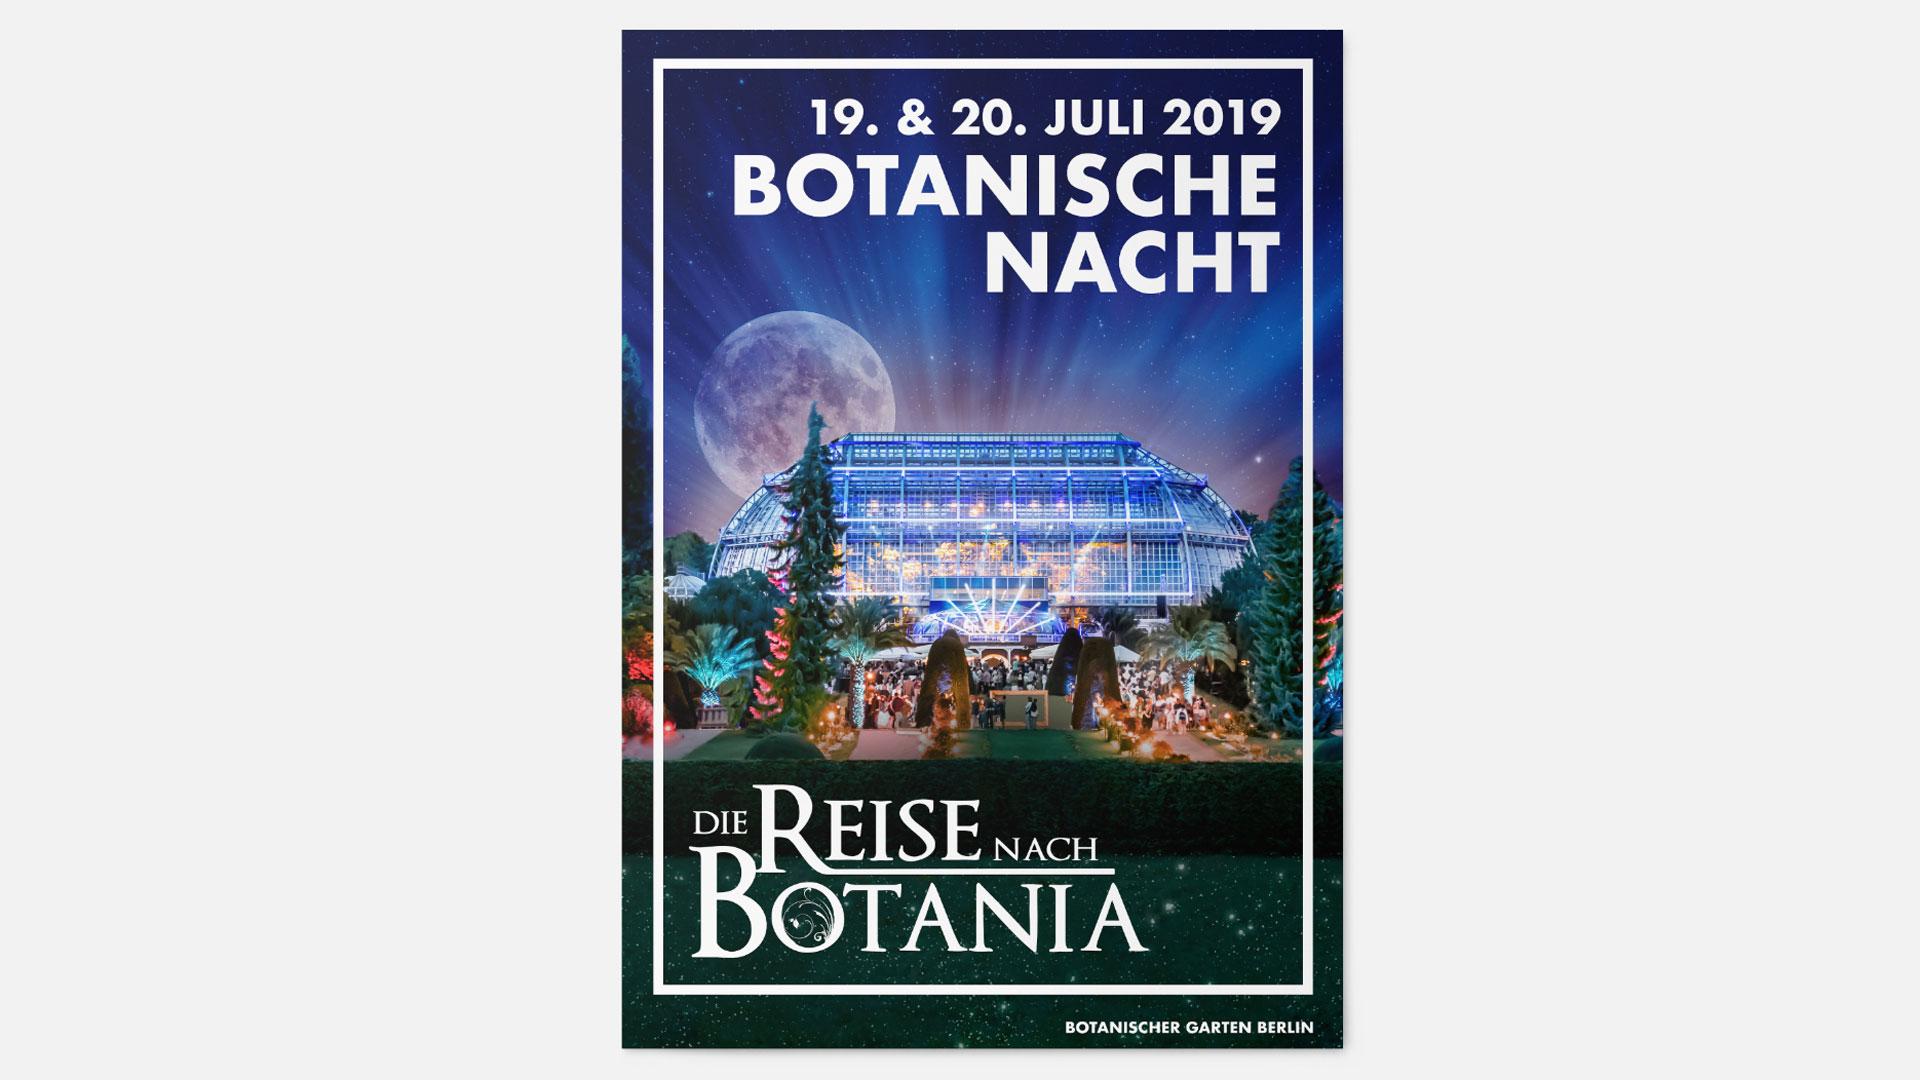 Mockup von einem Flyer für die Botanische Nacht 2019 auf weißem Hintergrund.